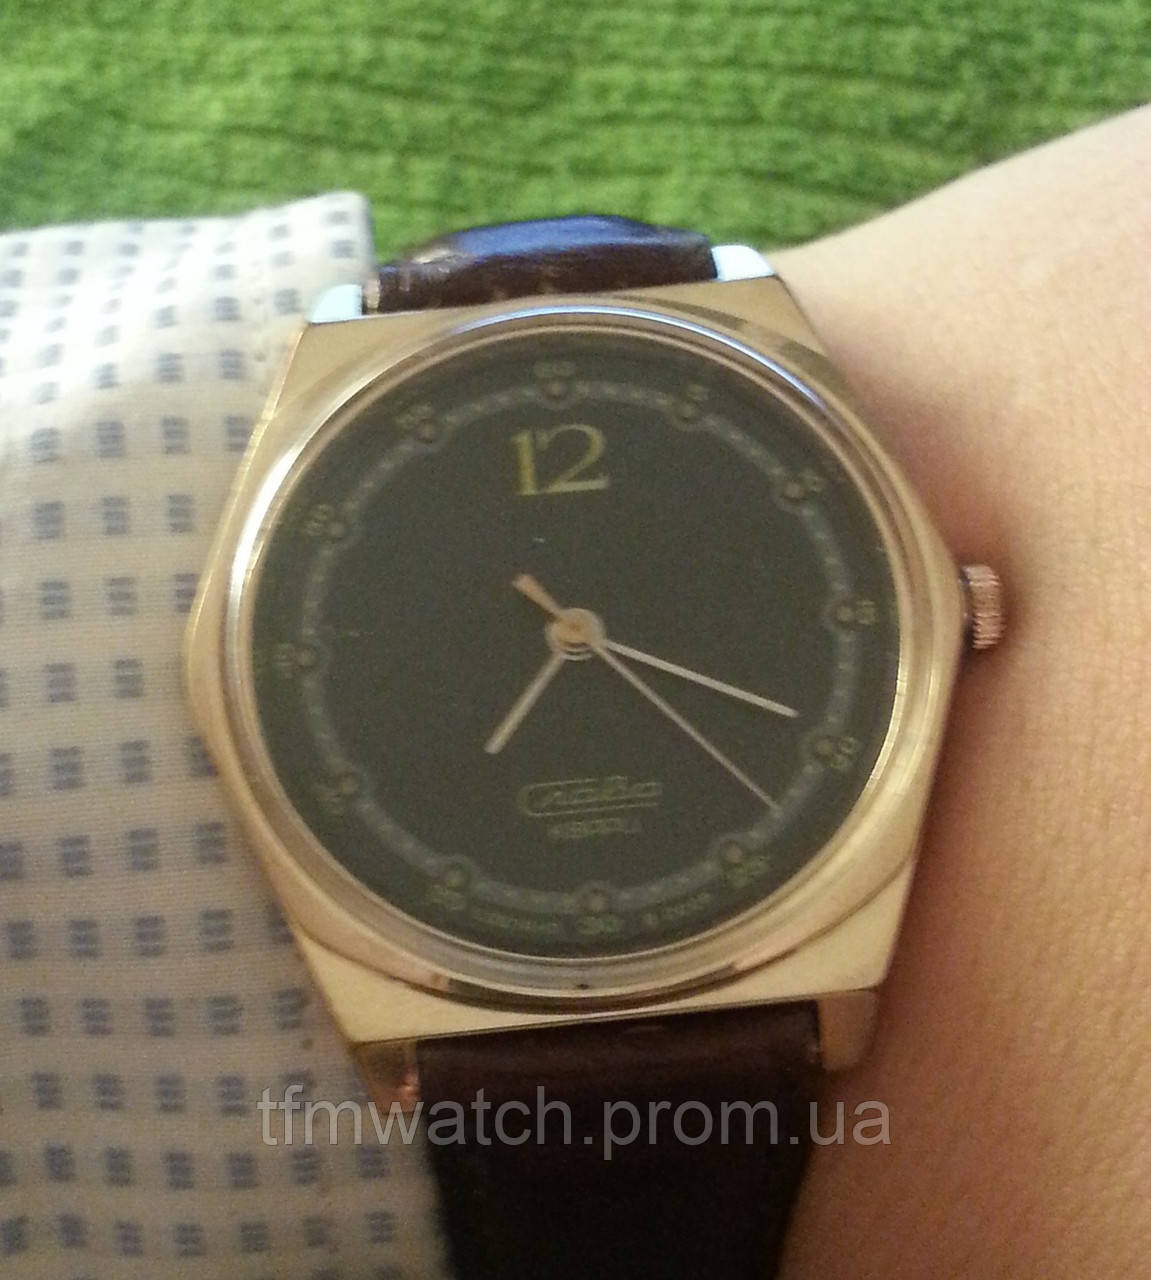 Слава кварц наручные кварцевые часы СССР -  Магазин старинных, винтажных и антикварных часов TFMwatch в России